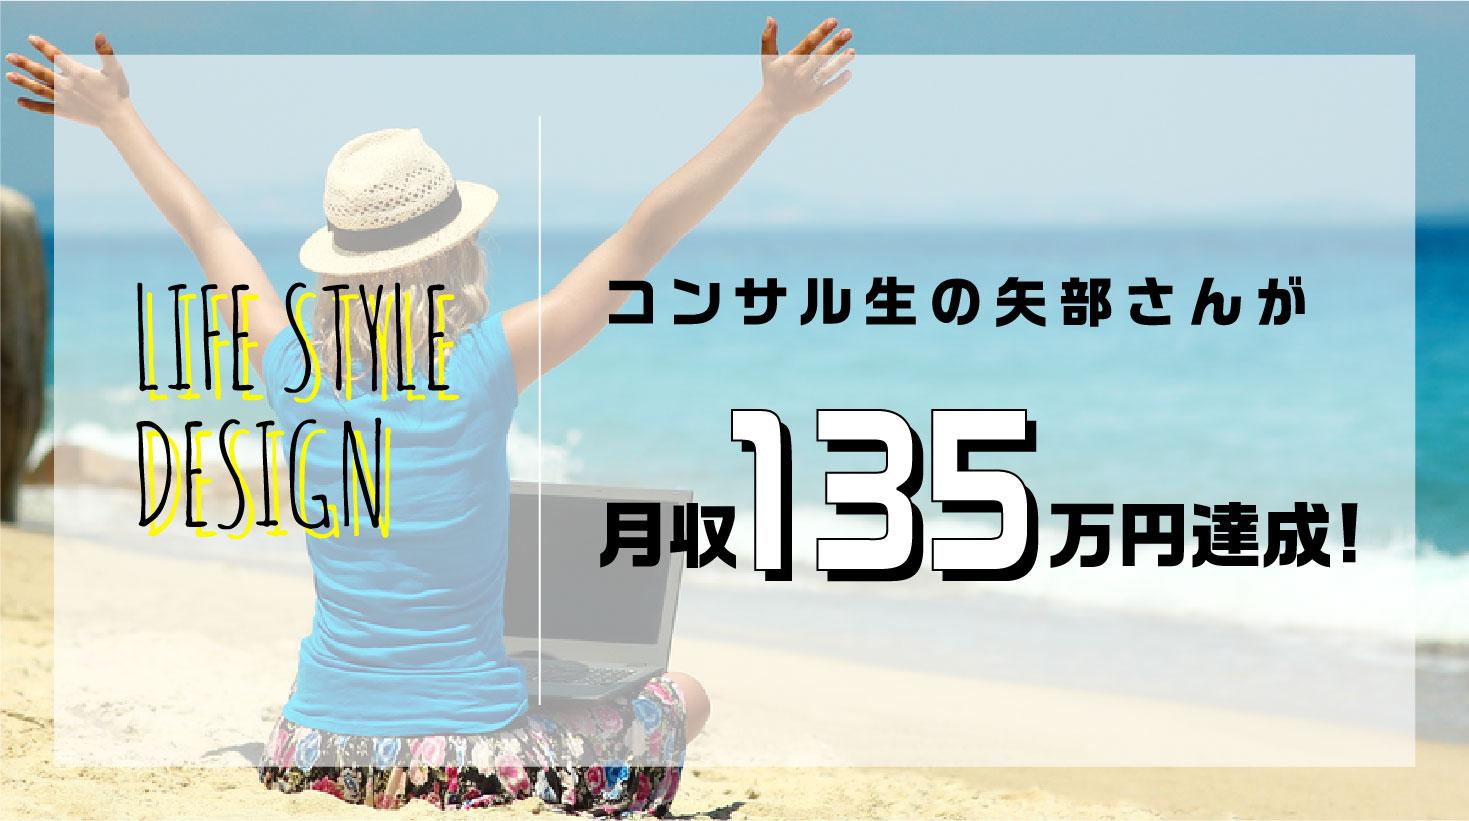 コンサル生の矢部さんが月収135万円達成したのでインタビューしてみました!